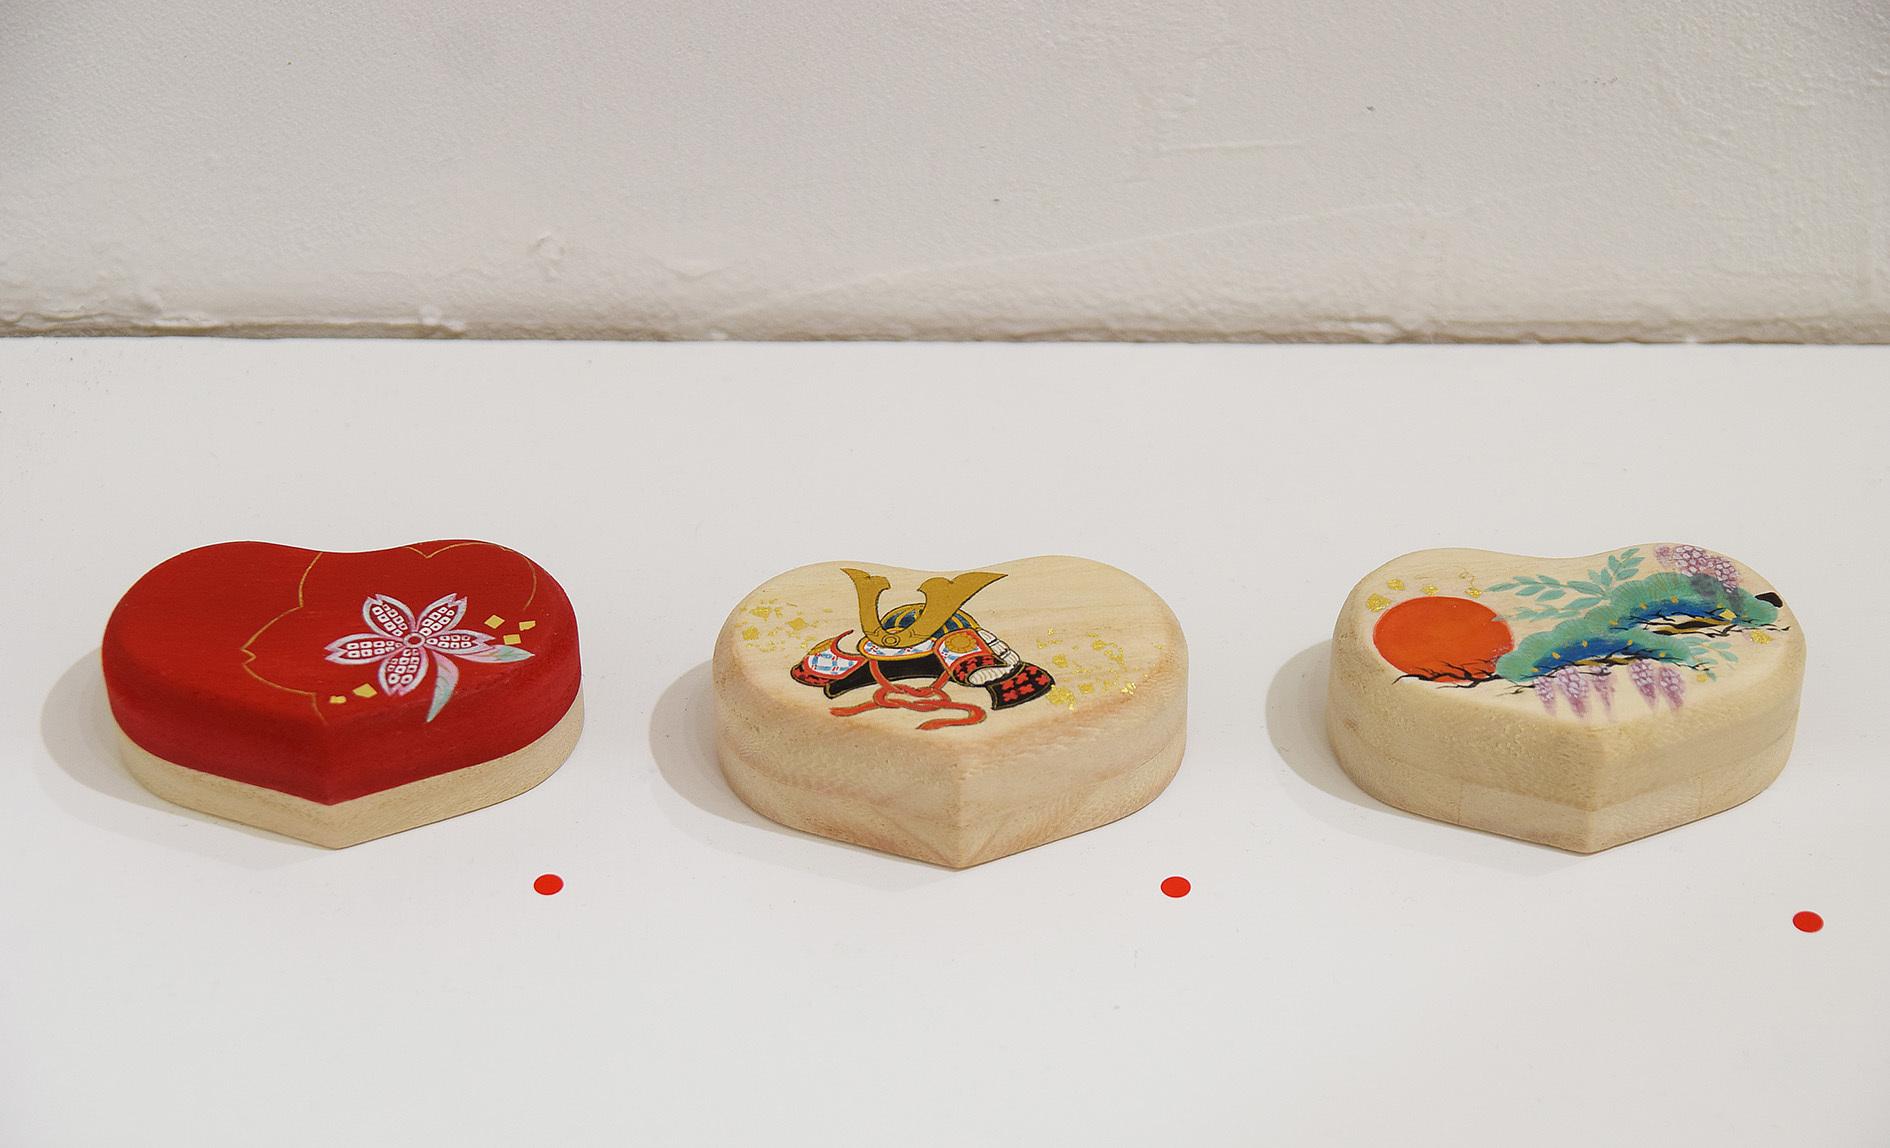 中沢 梓 大和絵展 「刻一刻」@4日目_e0272050_15595293.jpg